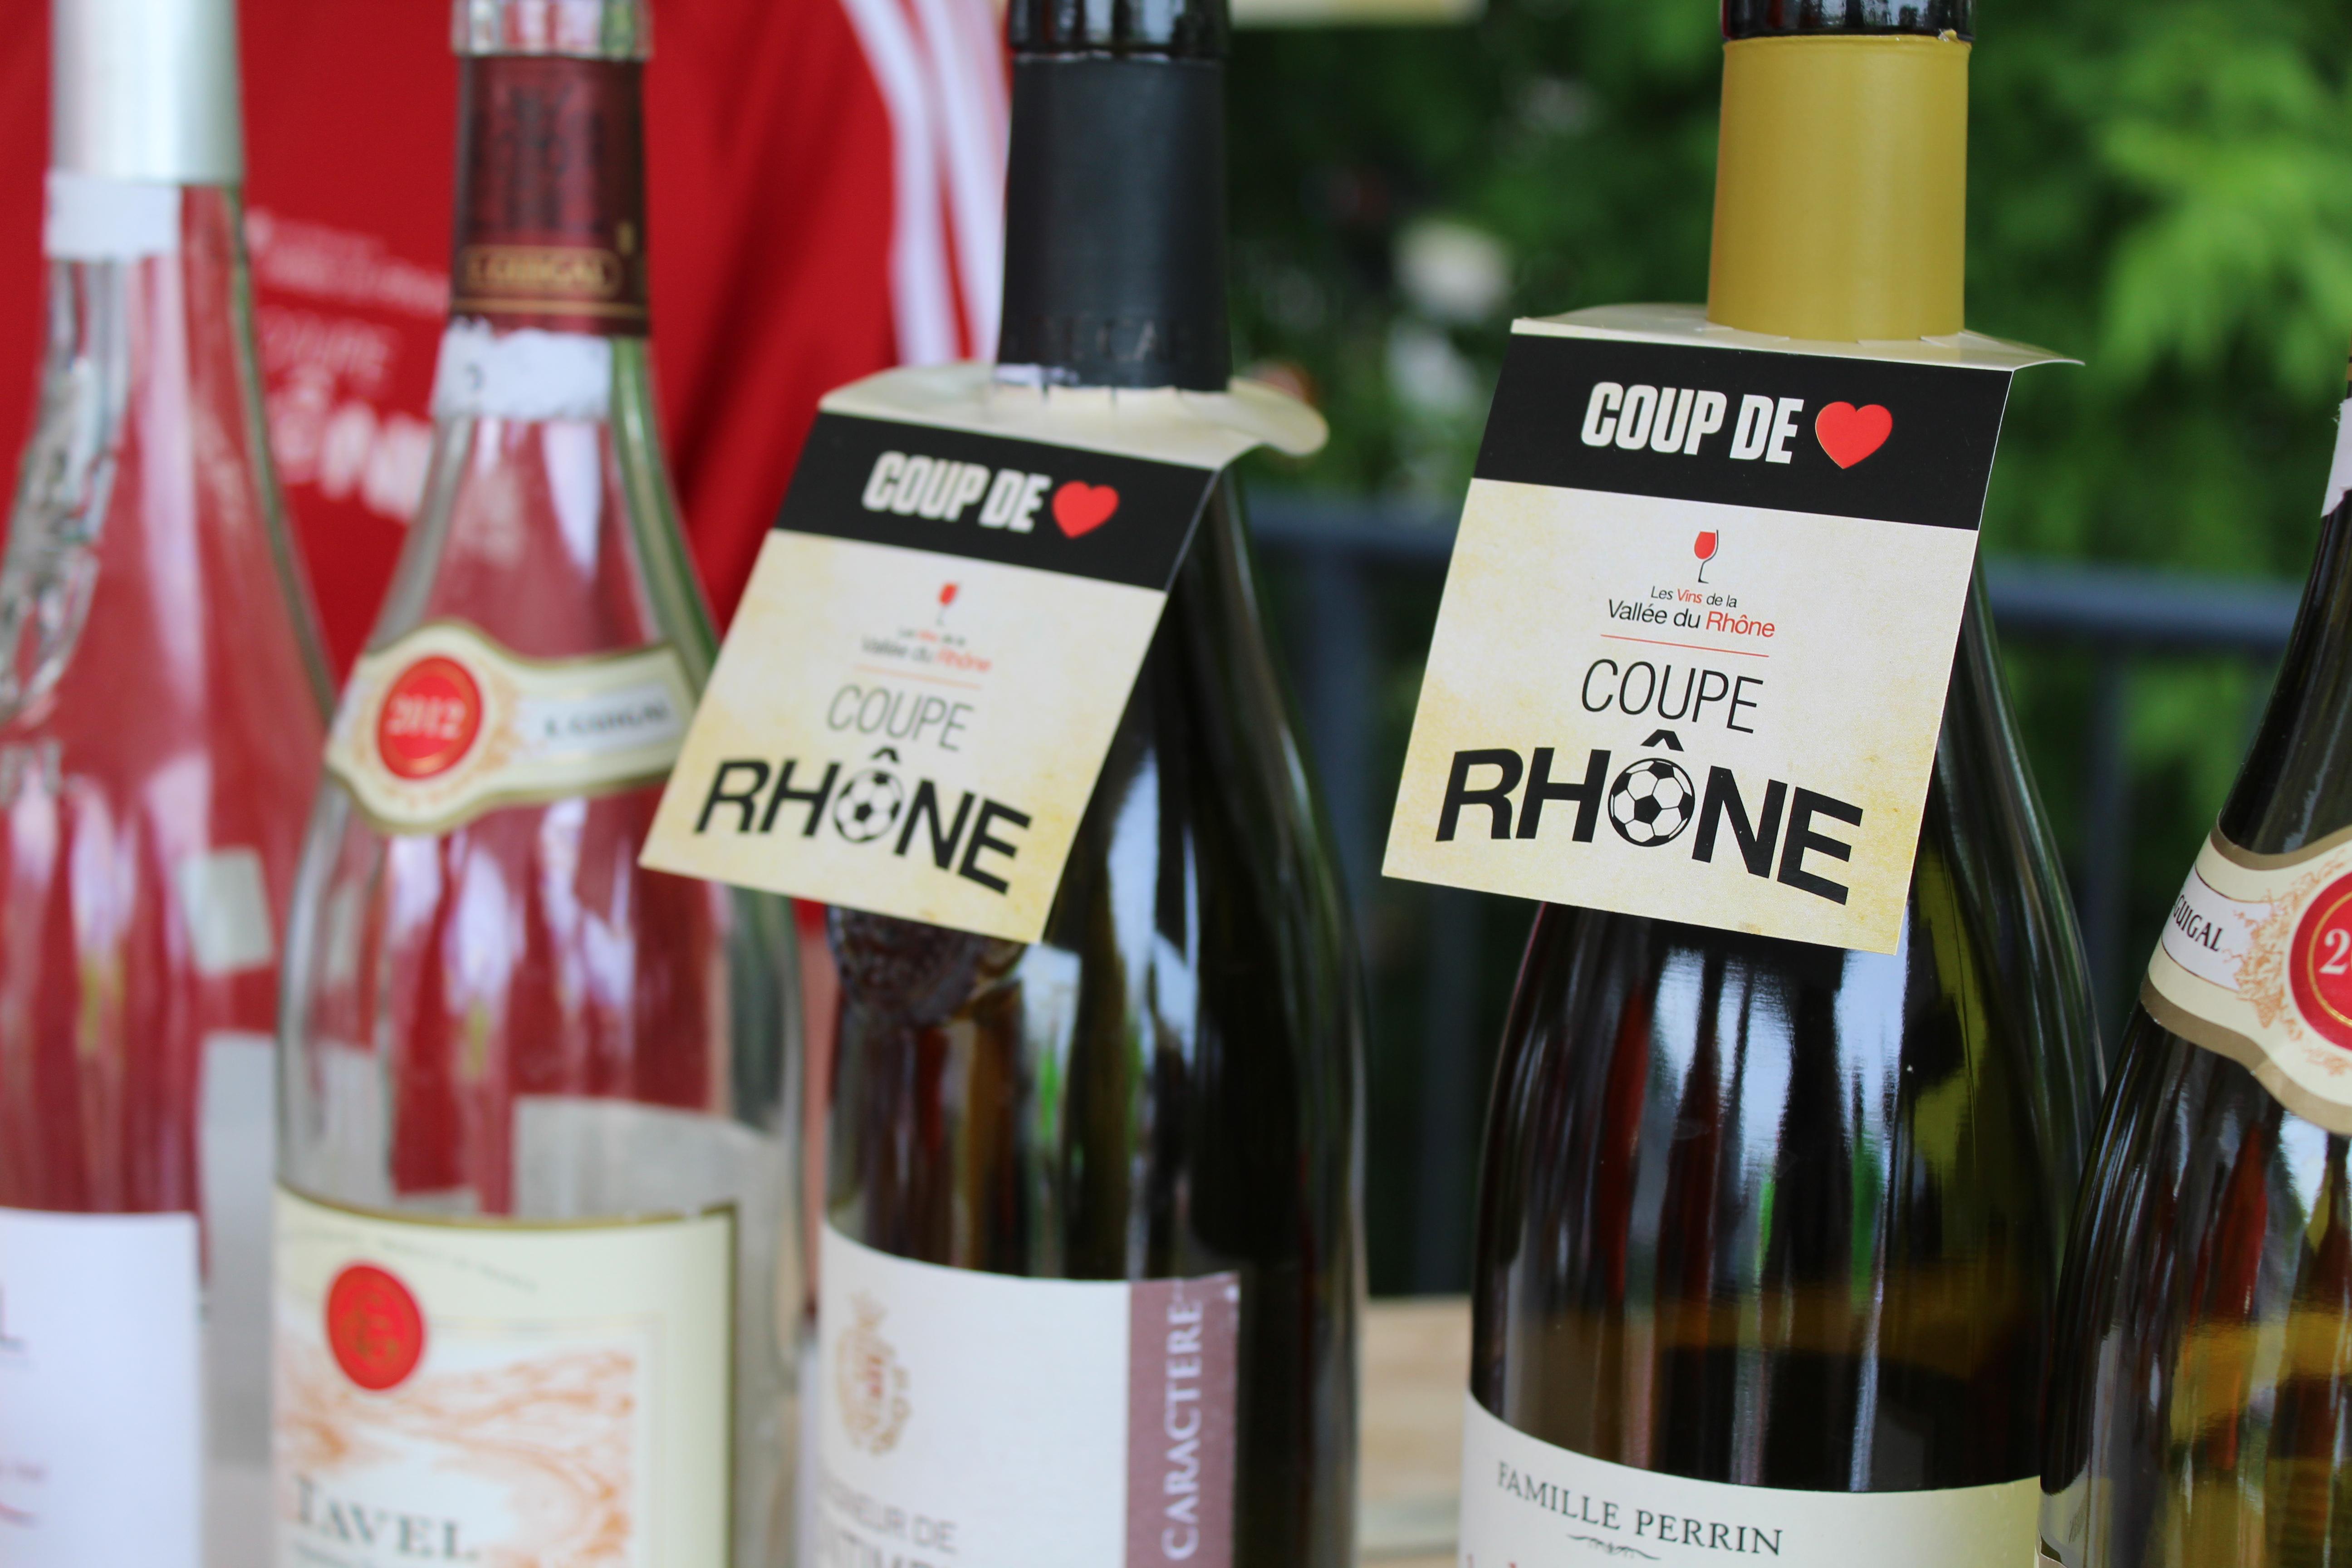 Inter-Rhône veut dépoussiérer l'image des vins français au Québec